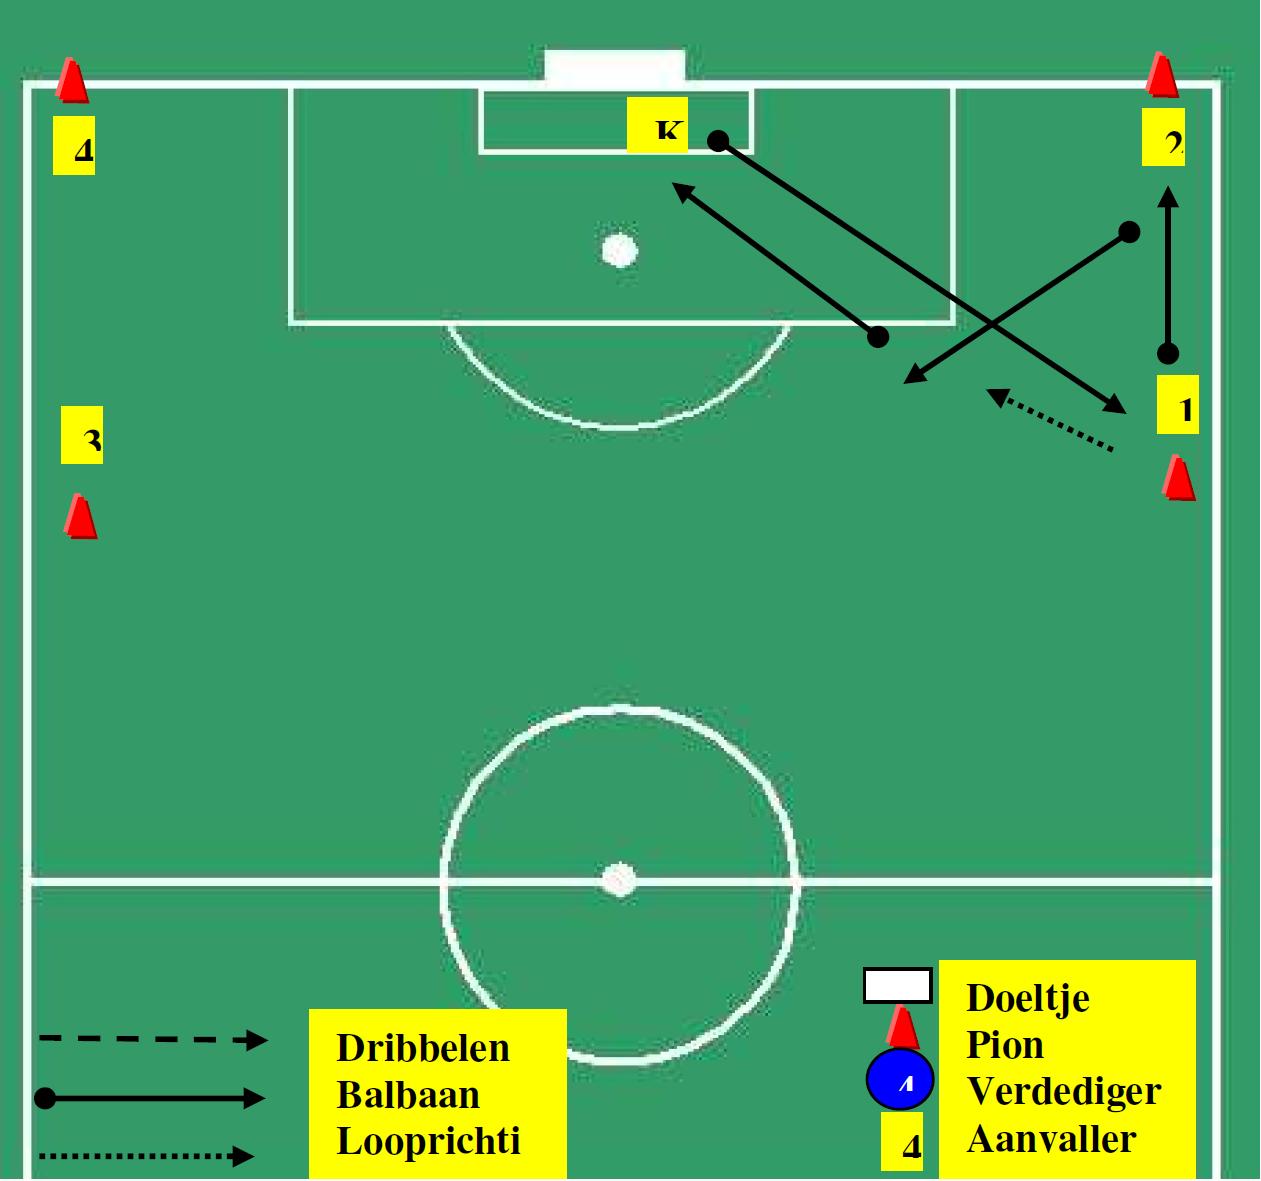 integrale-training-doelschop-keeper-gevolgd-door-afwerken-op-doel-1